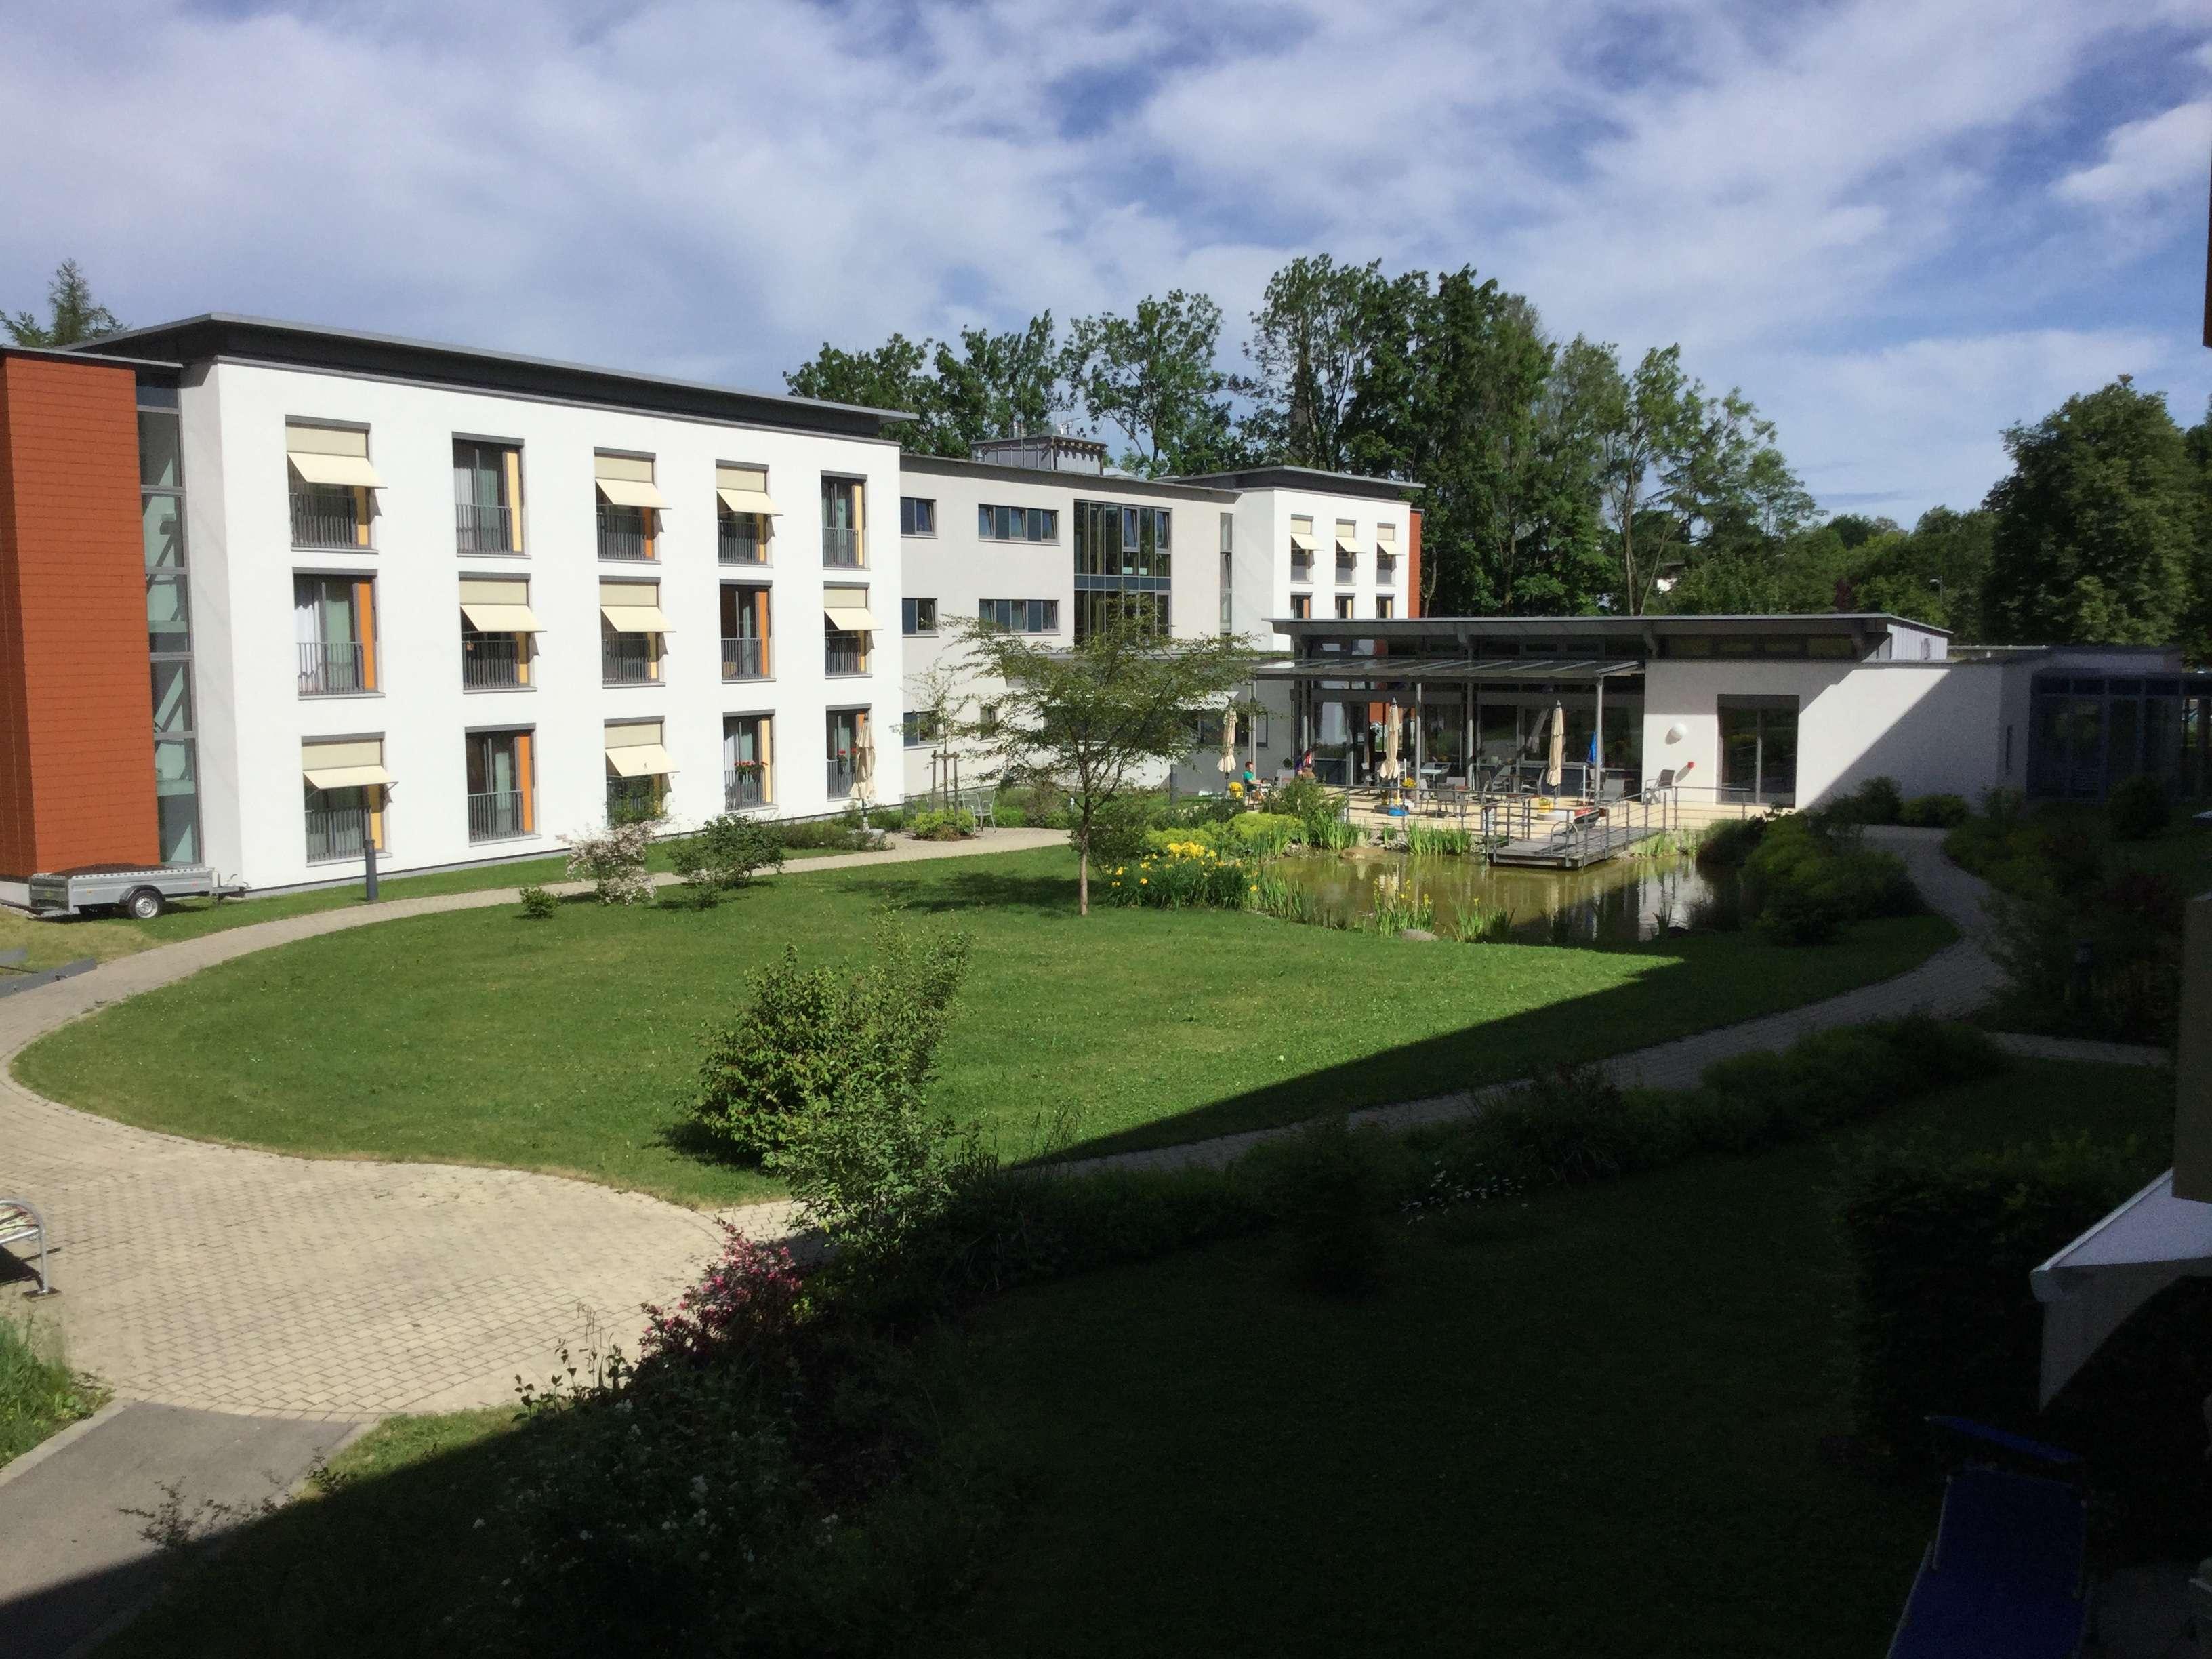 Betreutes Wohnen! Attraktive 3-Zi.Wohnung mit Balkon in Seniorenwohnanlage Kempten-Lenzfried in Engelhalde (Kempten (Allgäu))